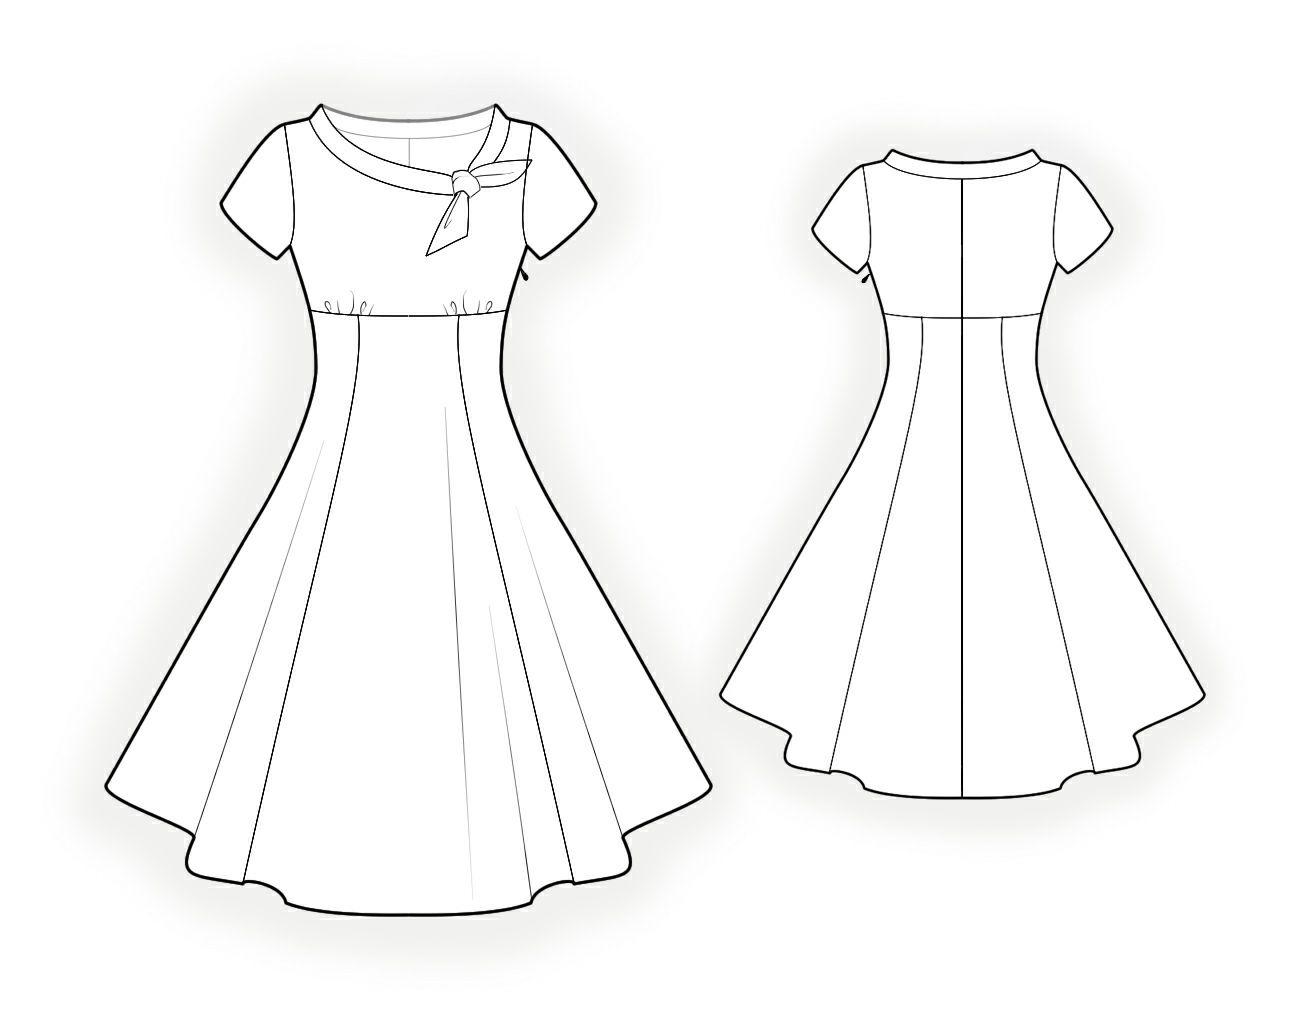 Kleid - Schnittmuster #4368 Maßgeschneiderte Schnittmuster von ...